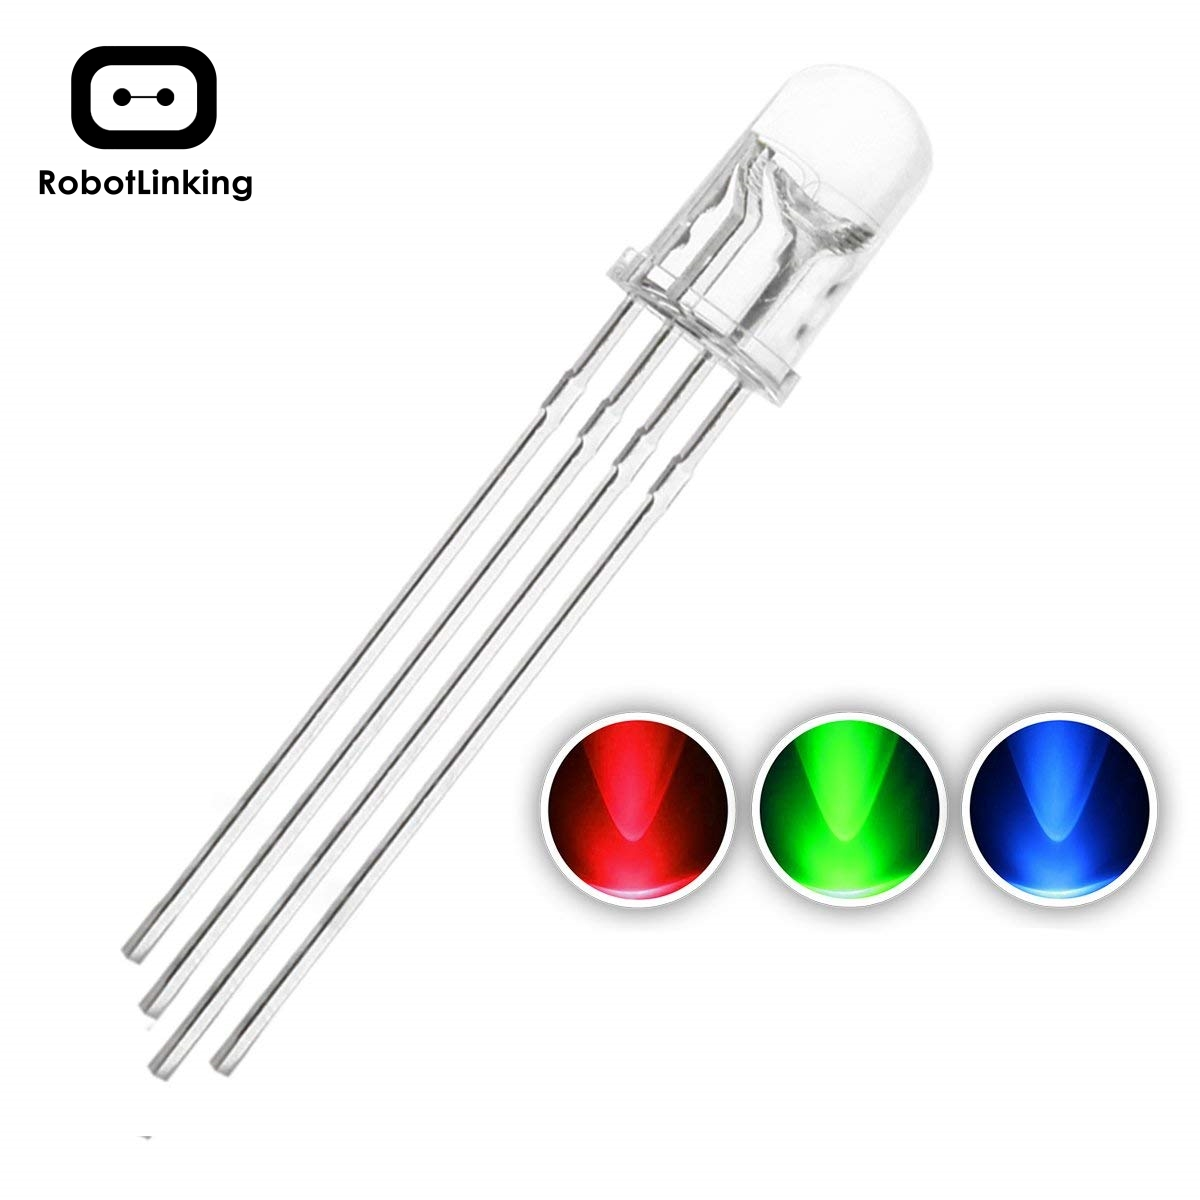 1000 pièces 5mm RGB diode LED lumières tricolore Super lumineux éclairage ampoule lampes composants électroniques Diodes électroluminescentes